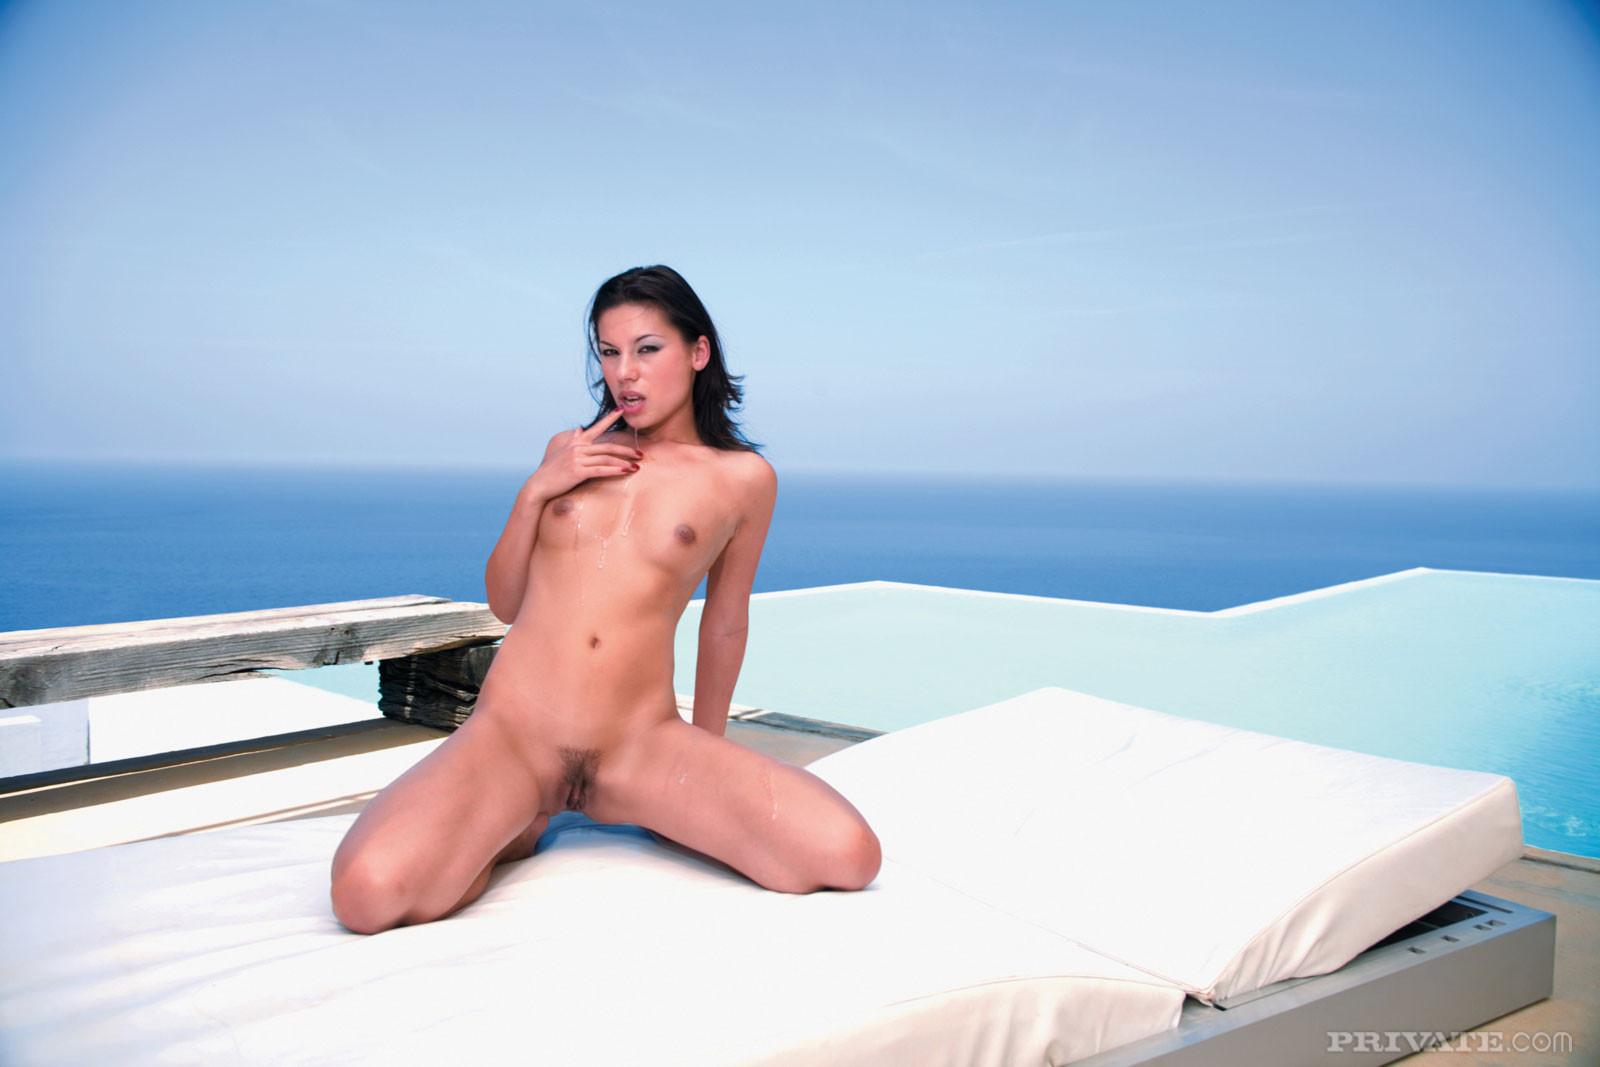 Vanessa May, Lucky, Boroka Balls - На пляже - Порно галерея № 3537451